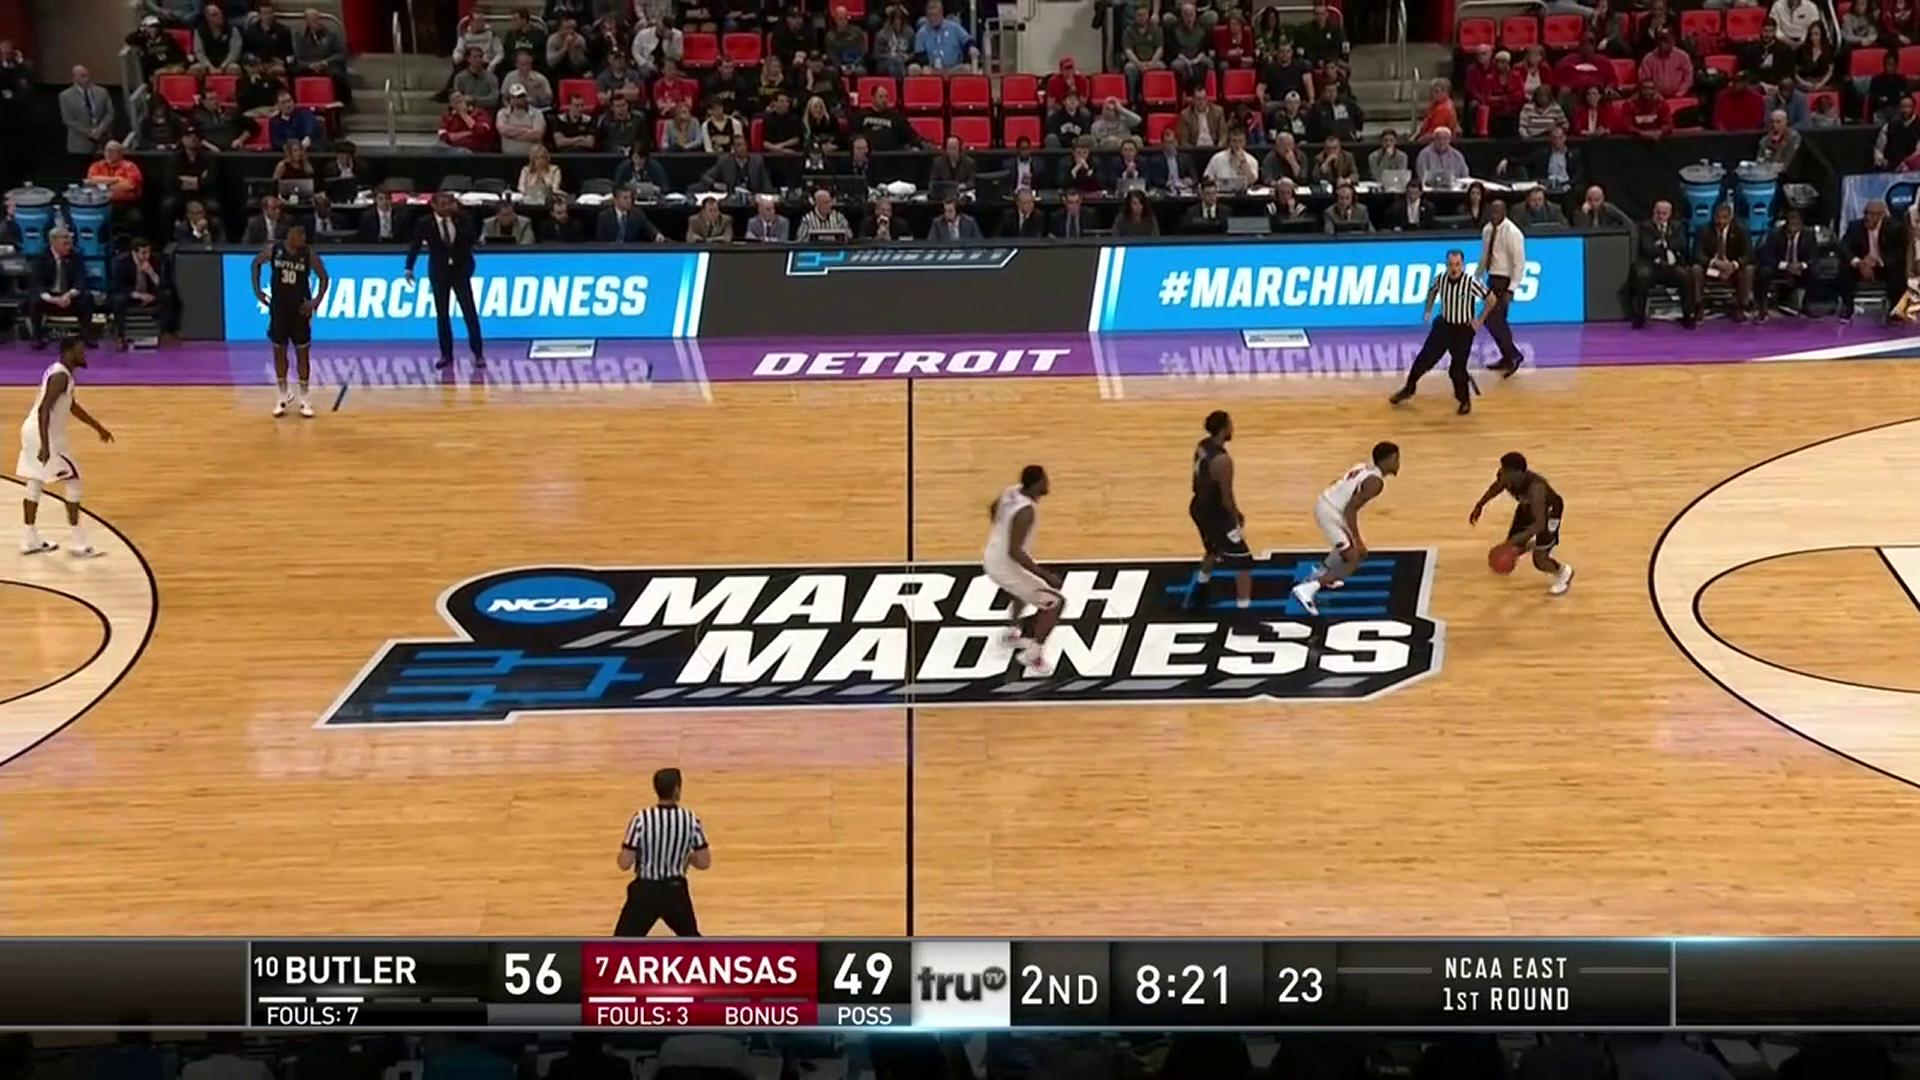 https://www.ncaa.com/video/basketball-men/2018-03-16/assist ...